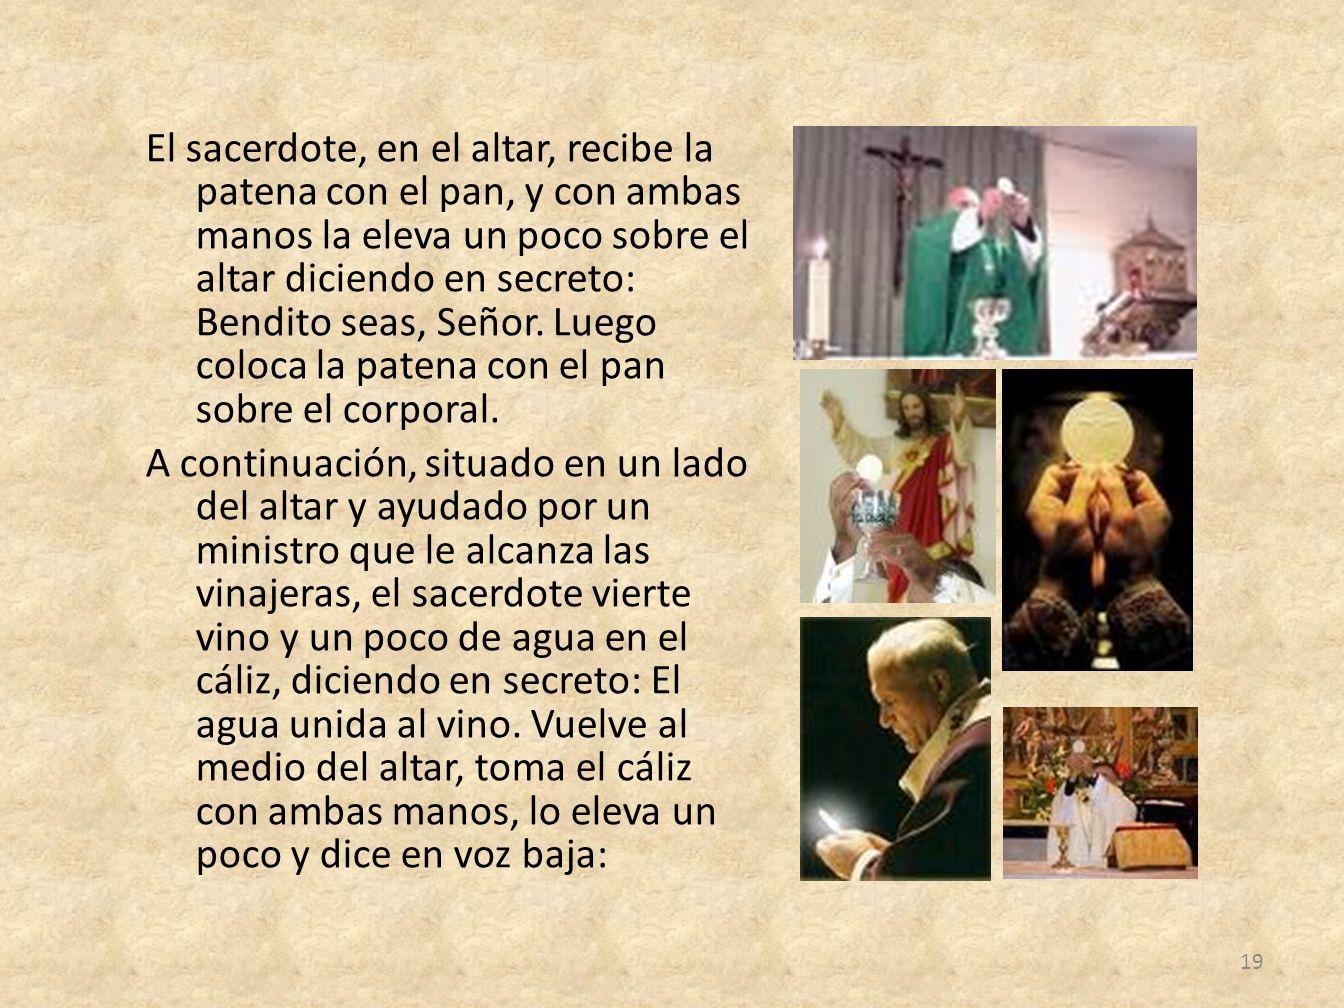 El sacerdote, en el altar, recibe la patena con el pan, y con ambas manos la eleva un poco sobre el altar diciendo en secreto: Bendito seas, Señor.